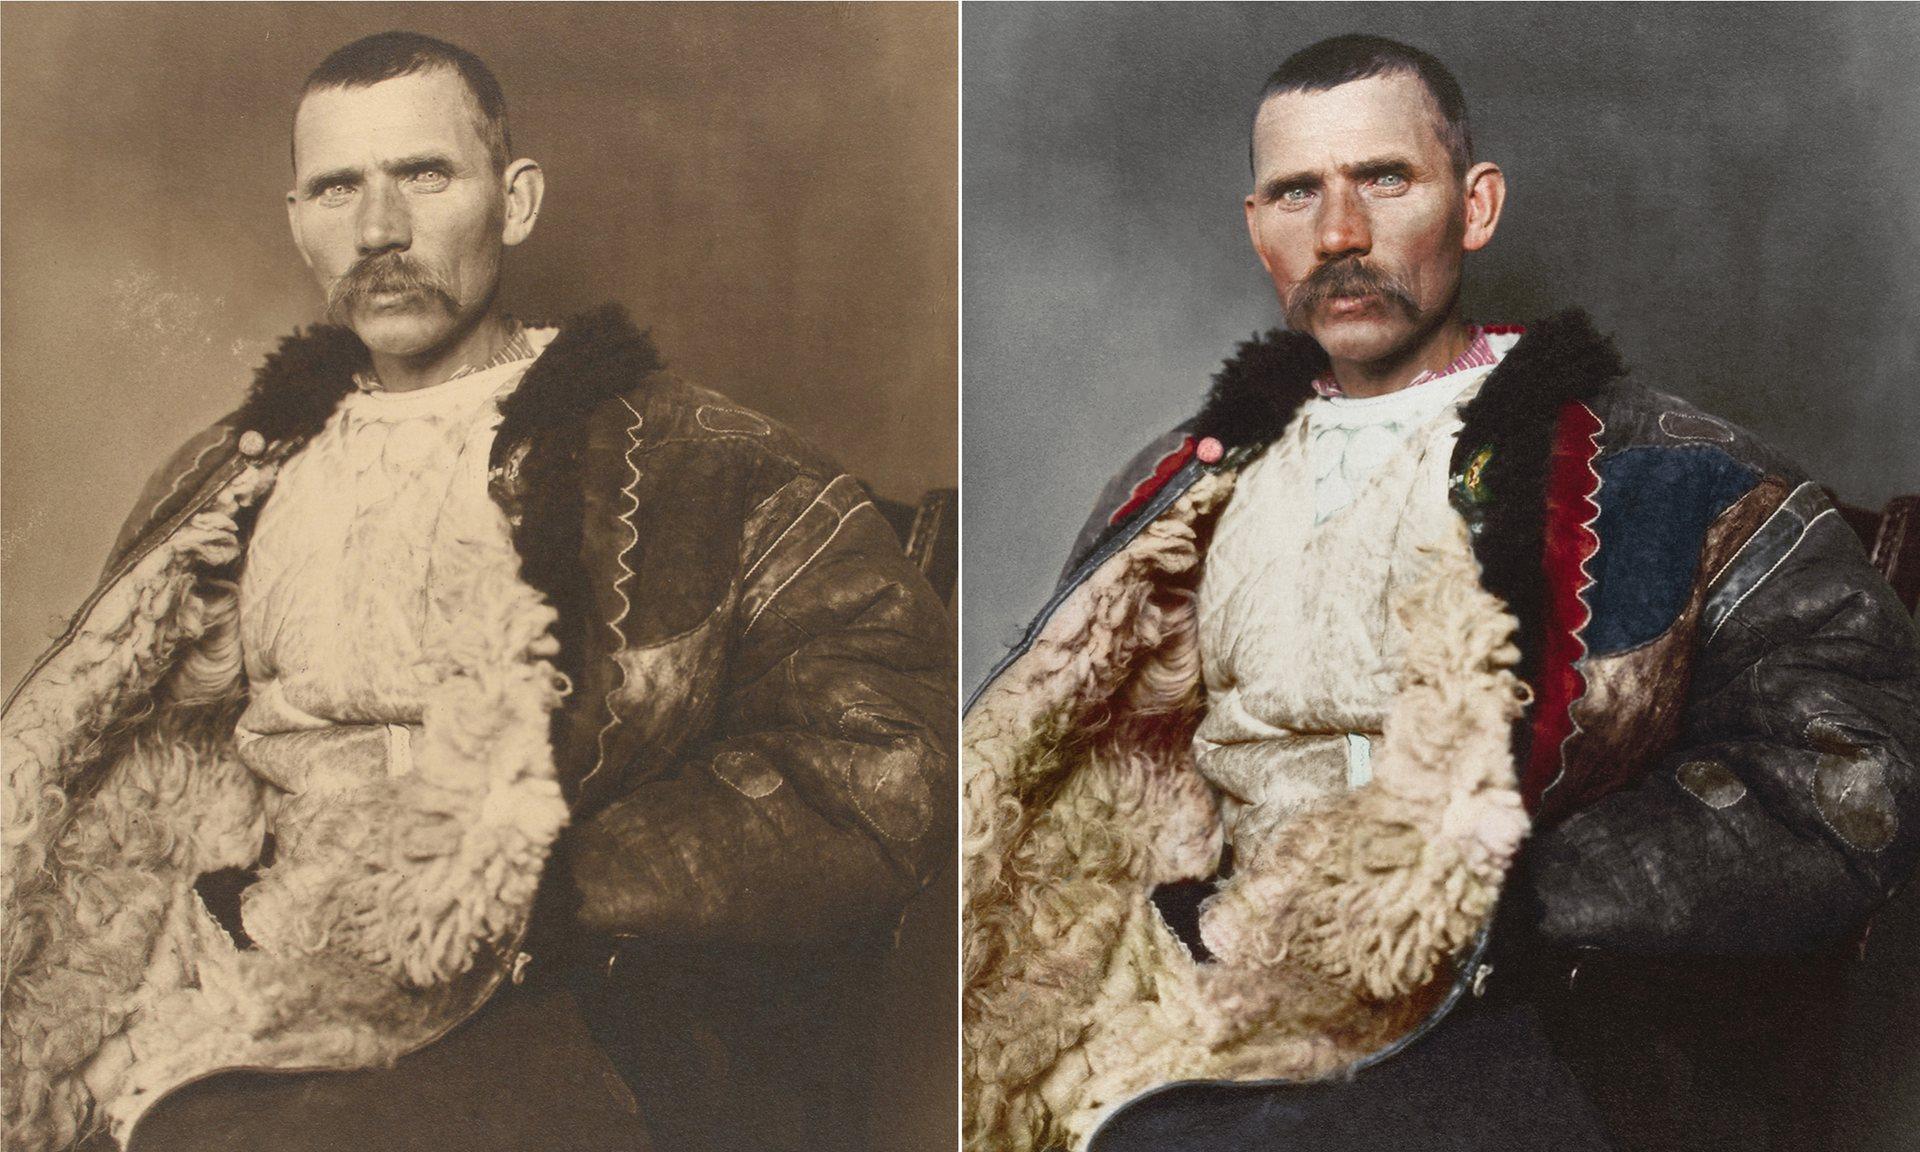 Un pastor rumano alrededor de 1906, lleva el manto de un pastor tradicional conocido como sarica. La prenda en general se extiende hasta por debajo de la rodilla y puede ser utilizado como almohada cuando se duerme afuera